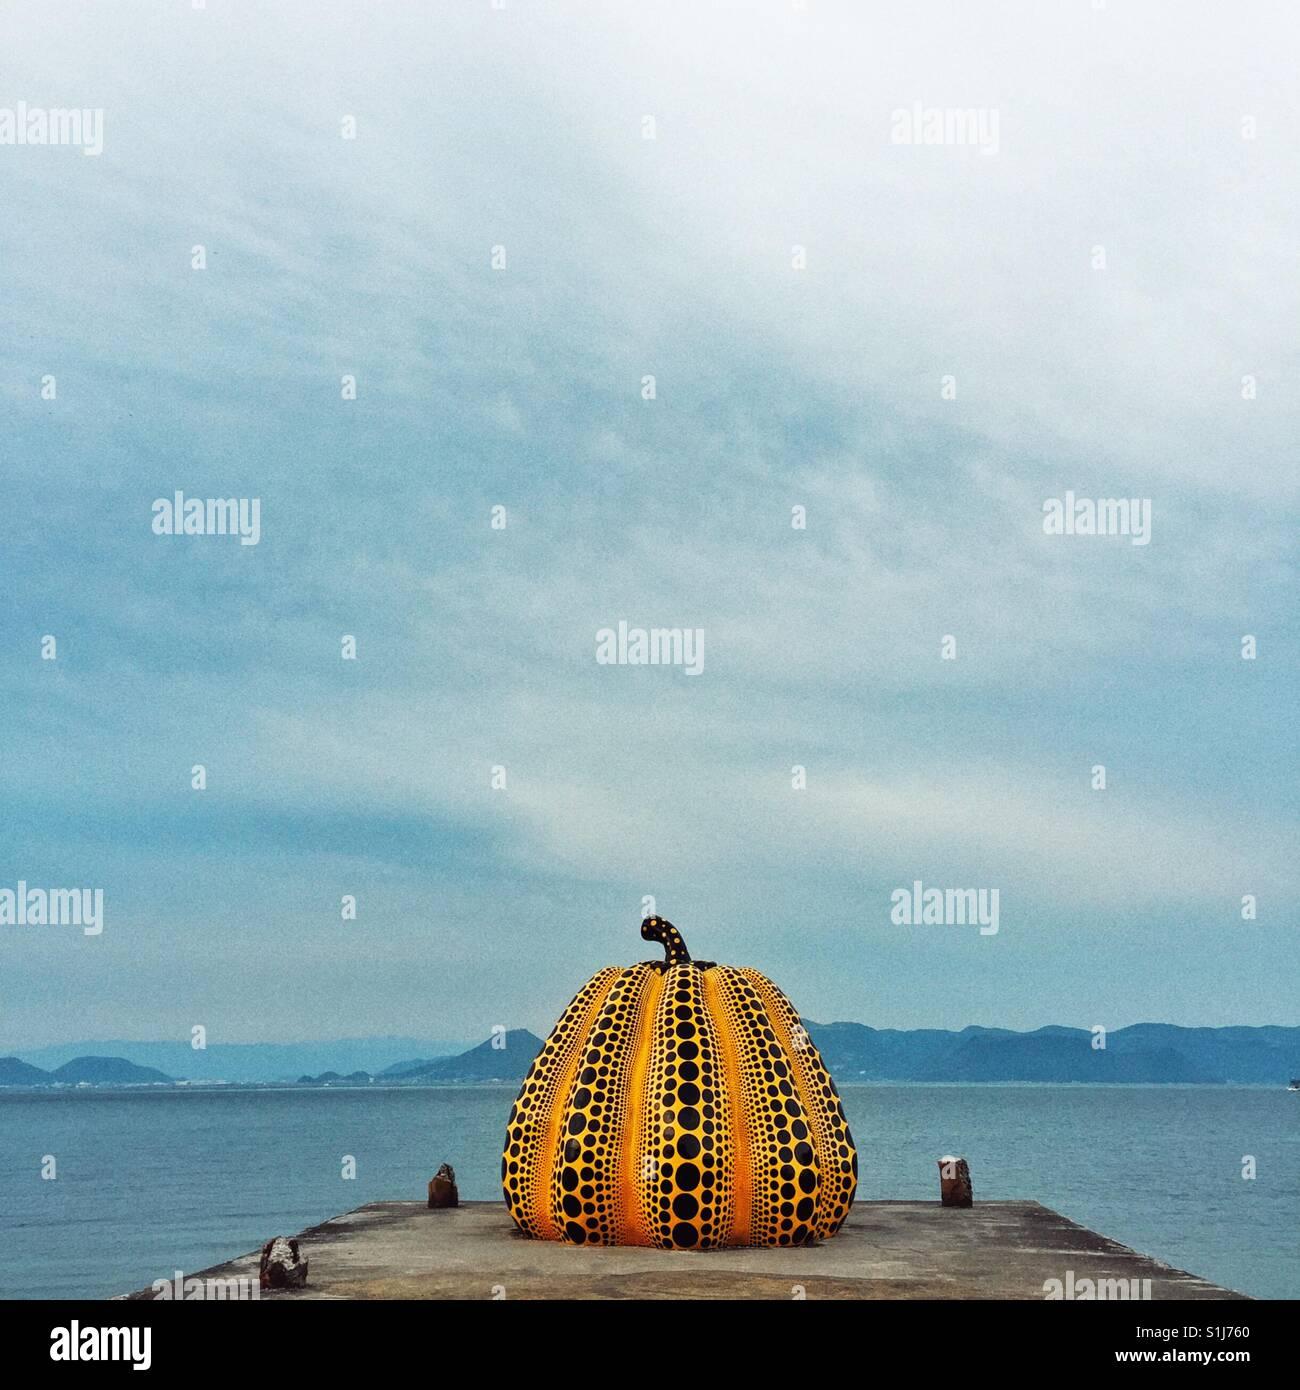 Célèbre citrouille jaune avec des points noirs par l'artiste japonaise Yayoi Kusama installés Photo Stock